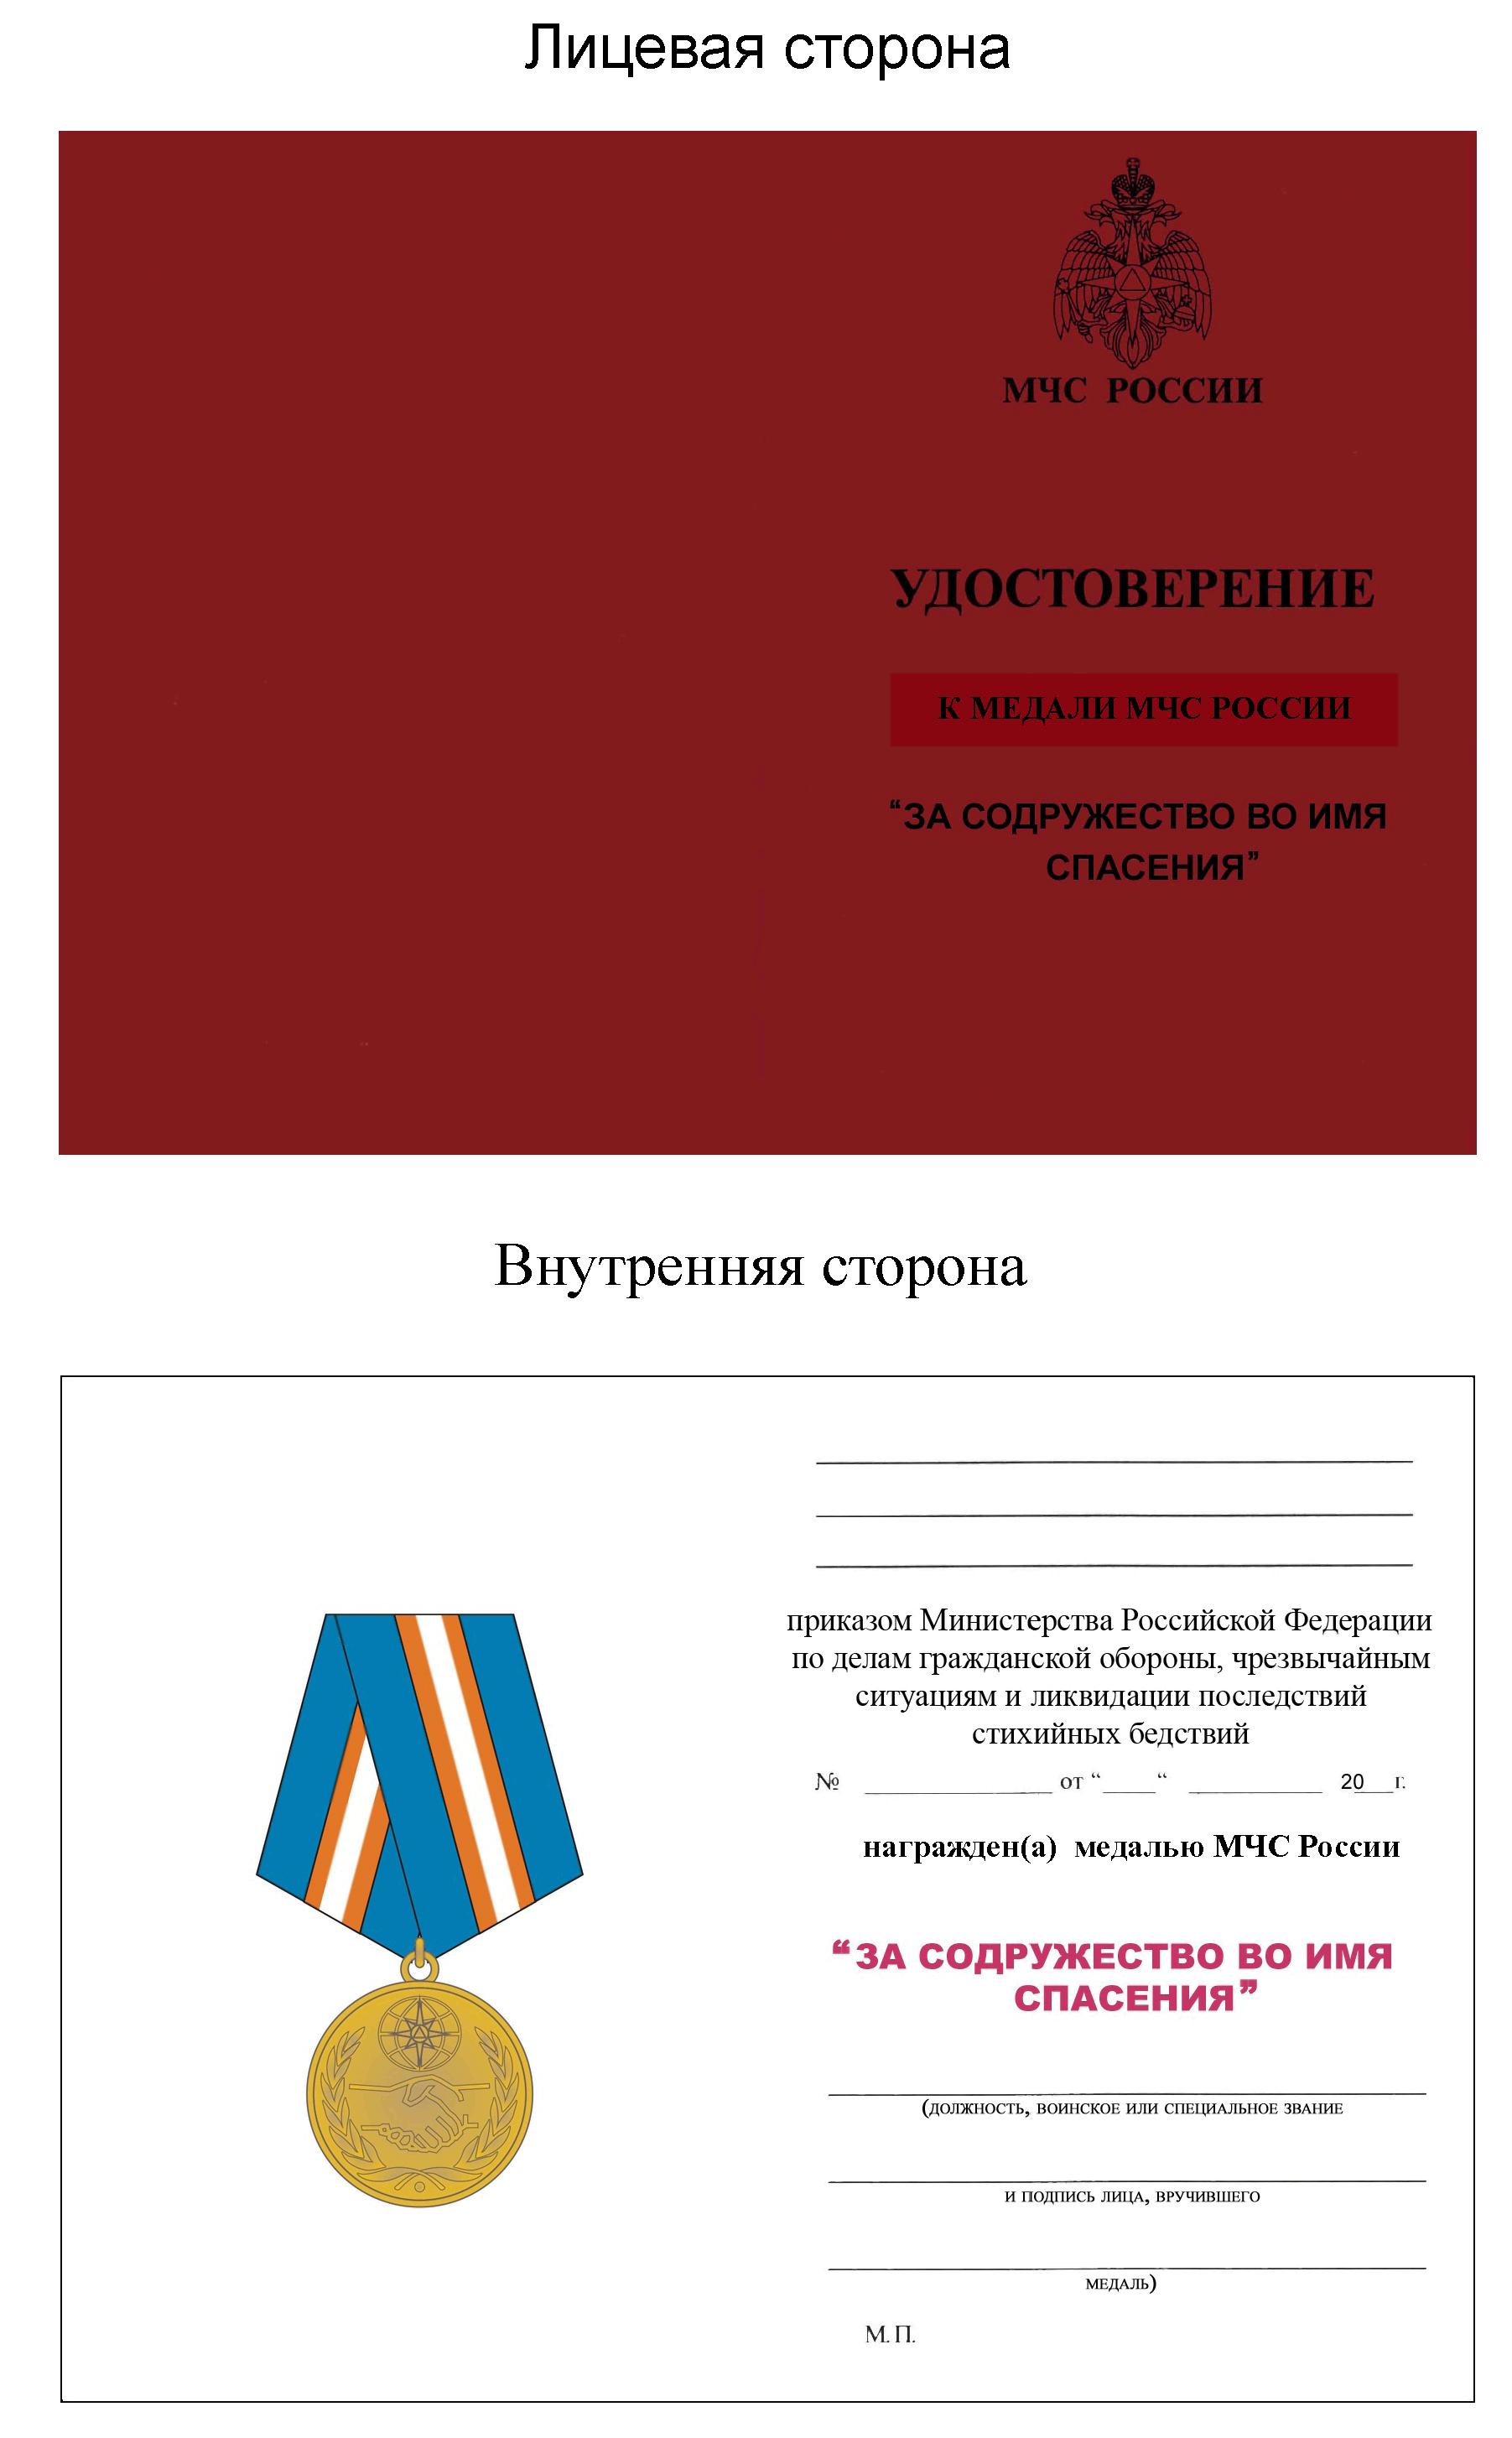 ПРИЛОЖЕНИЕ 3 К ПОЛОЖЕНИЮ 8, УТВ. ПРИКАЗОМ МЧС РФ ОТ 06.12.2010 N 620